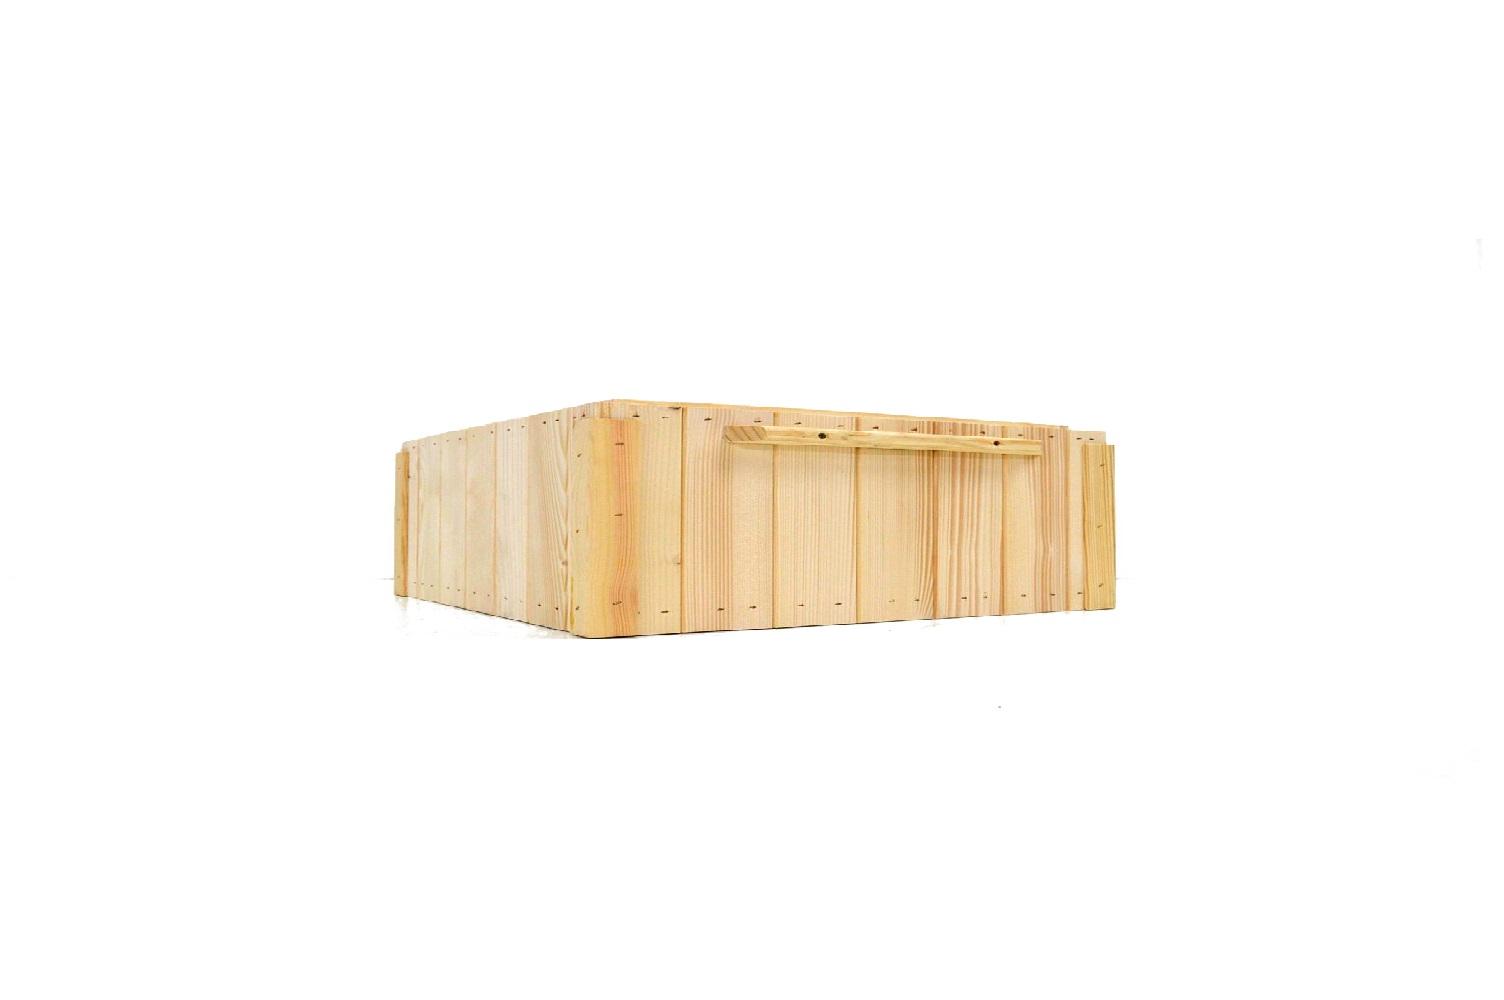 Korpus wielkopolski drewniany półnadstawka